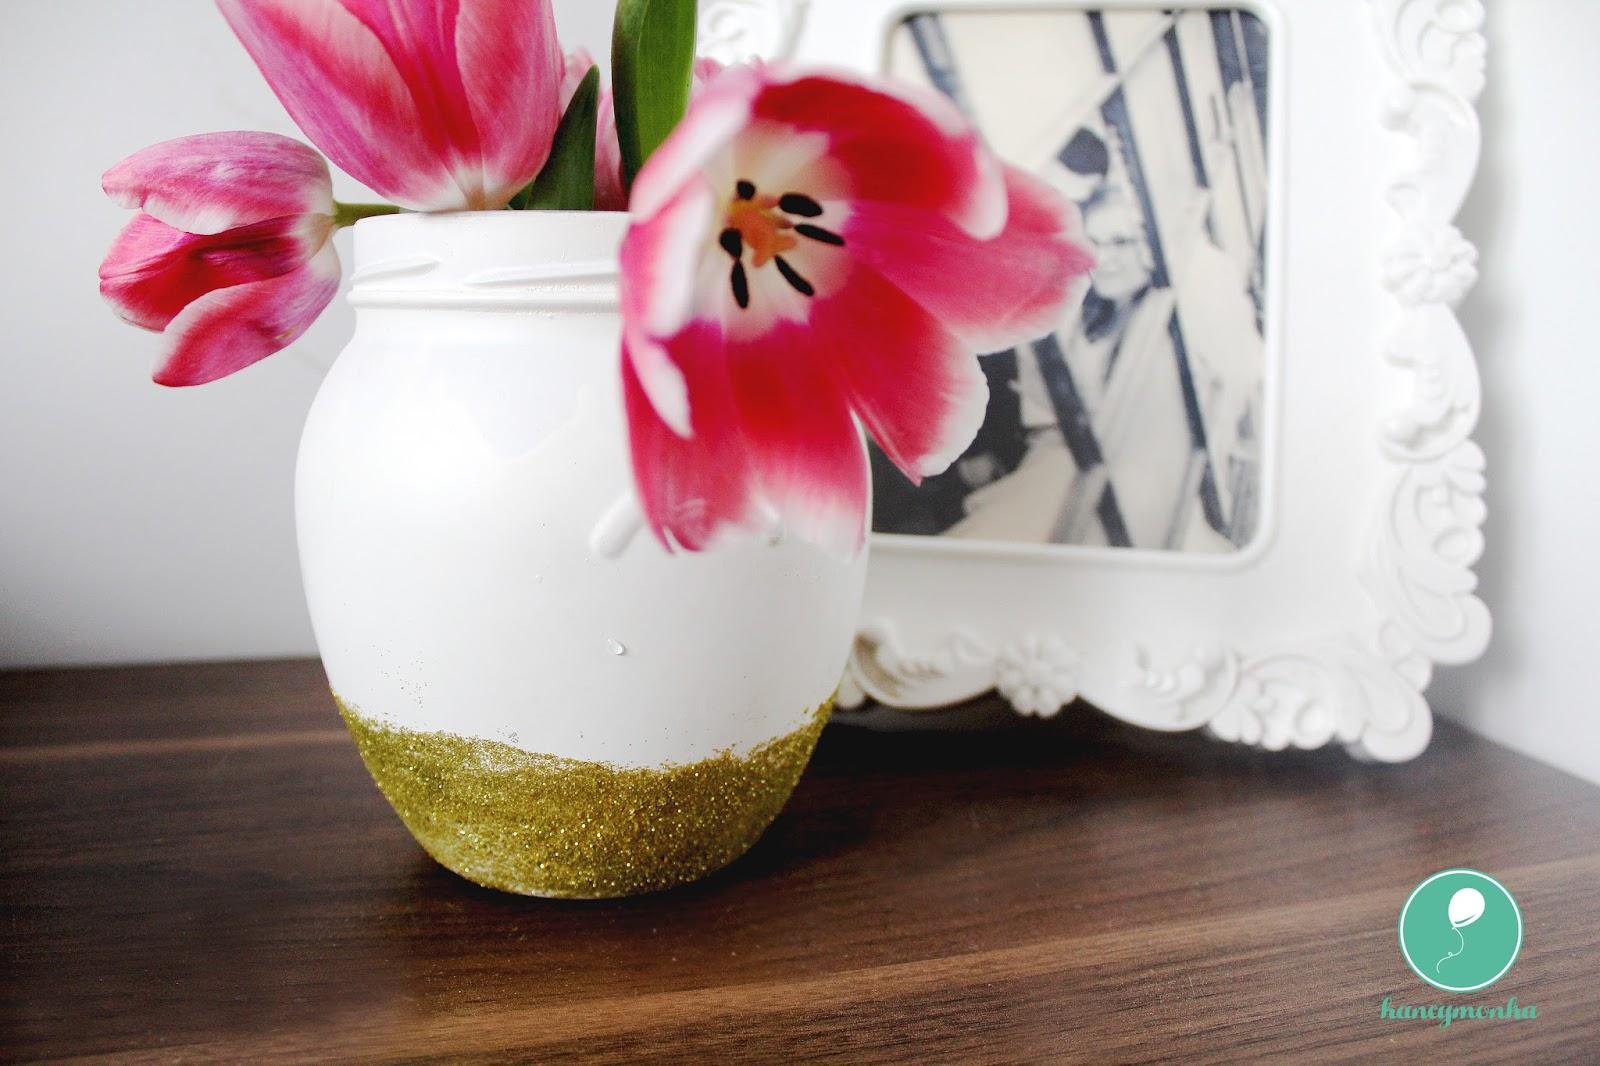 diy wazon ze słoika, more than jar, słoikowy wazon, zrób to sam, instrukcja, hancymonka